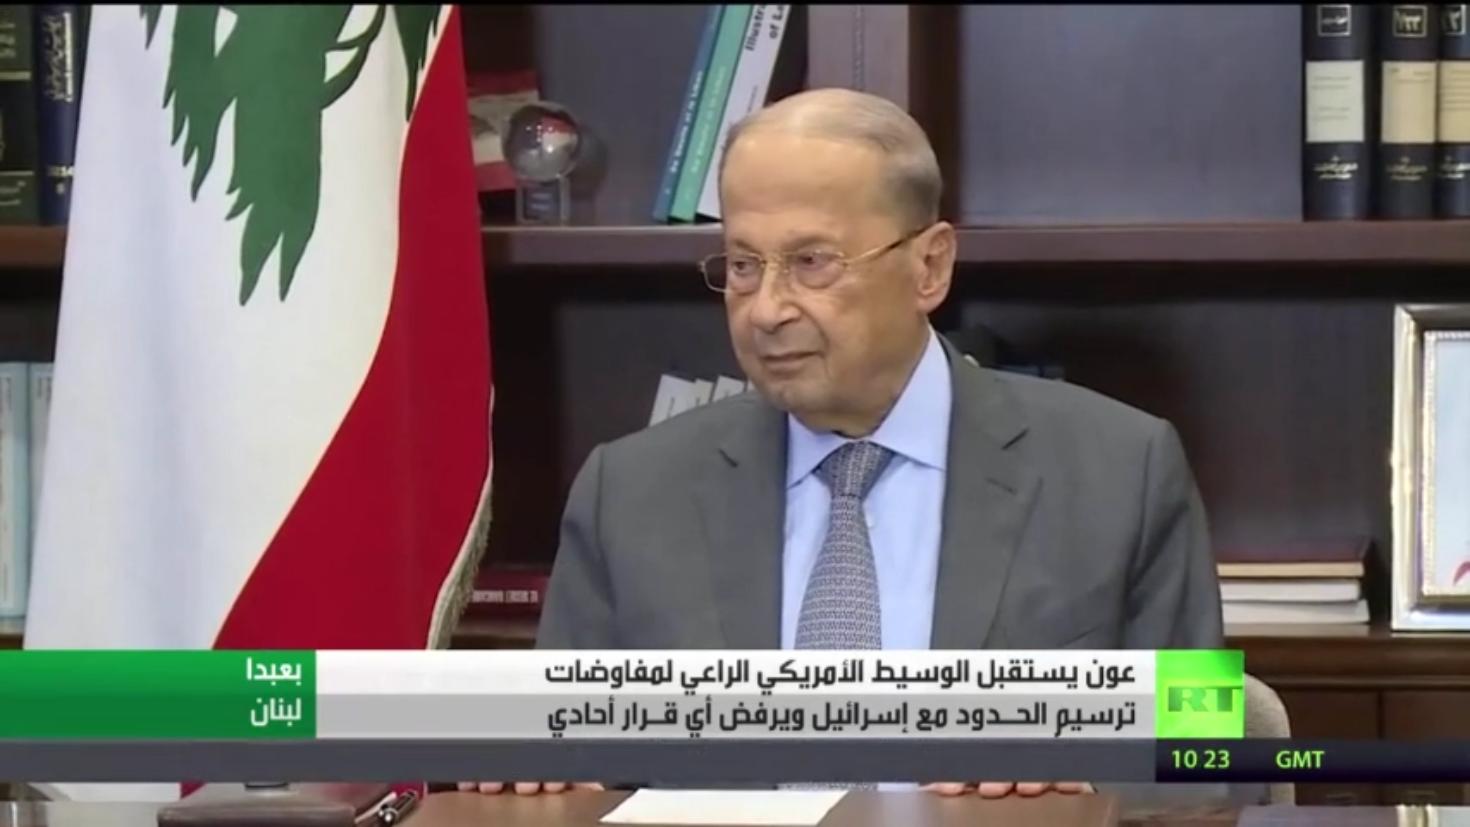 الوسيط الأمريكي في لبنان لإحياء ترسيم الحدود